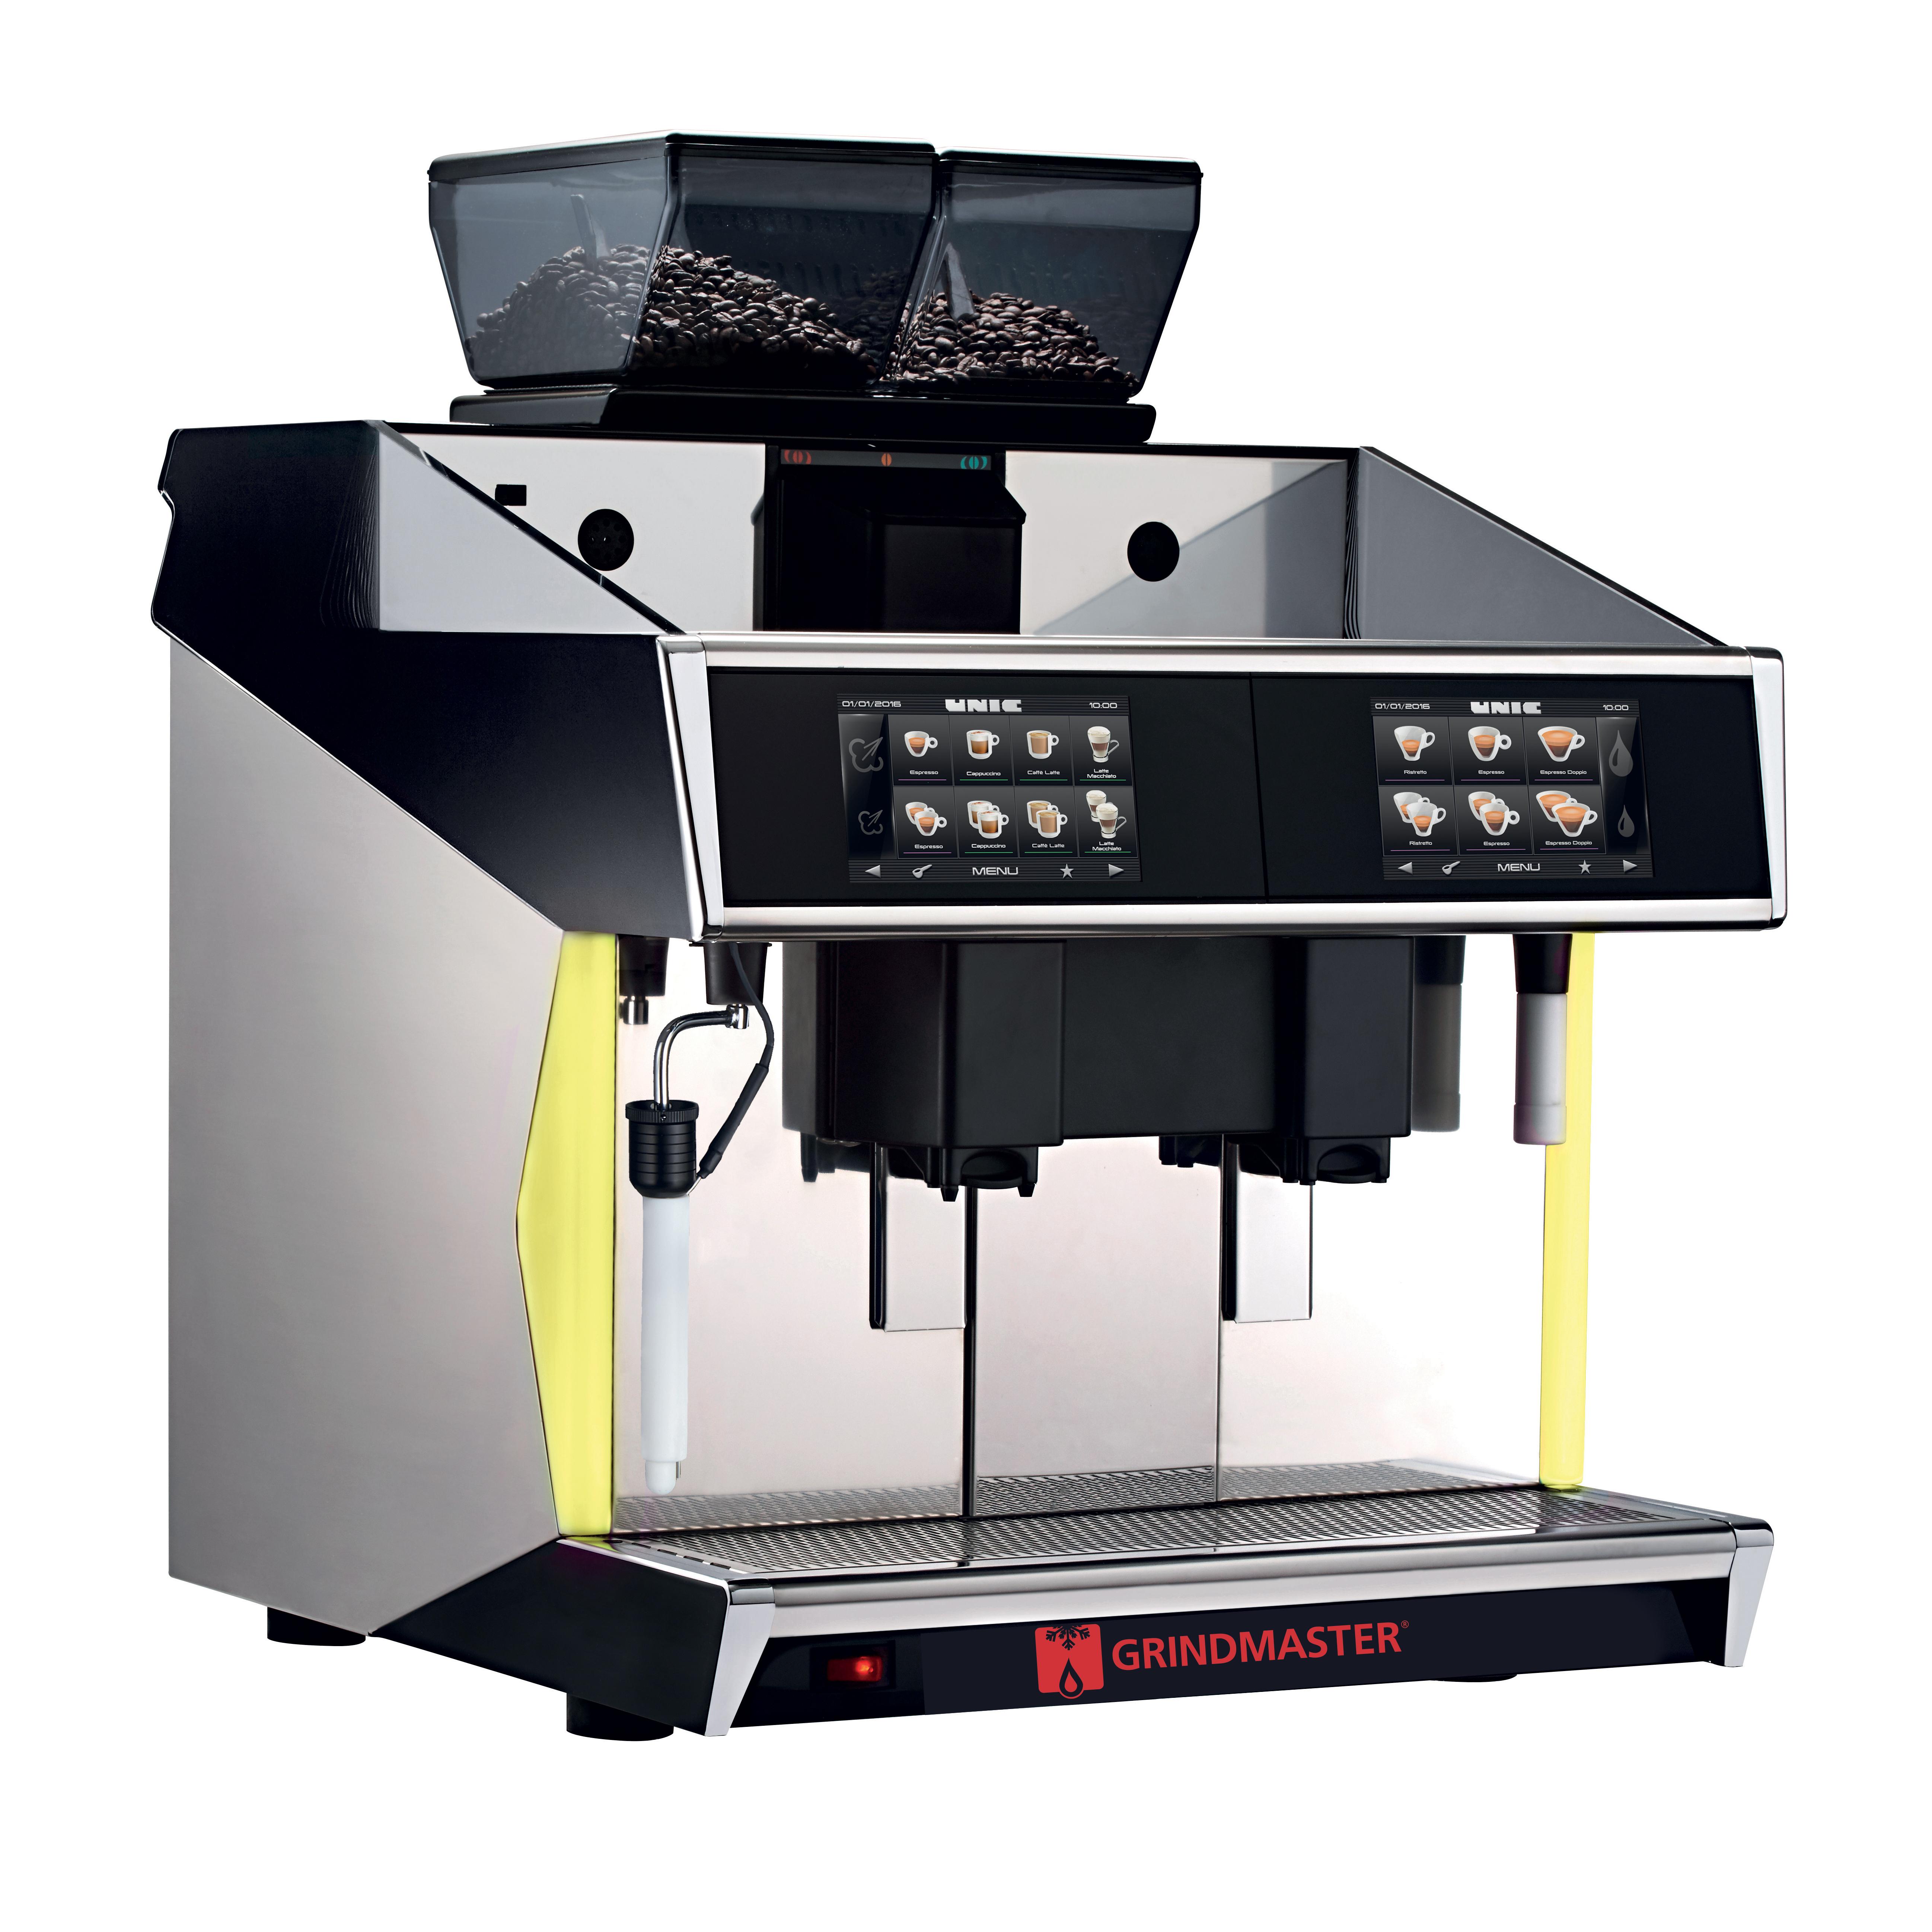 Grindmaster-Cecilware STP DUO MILK espresso cappuccino machine